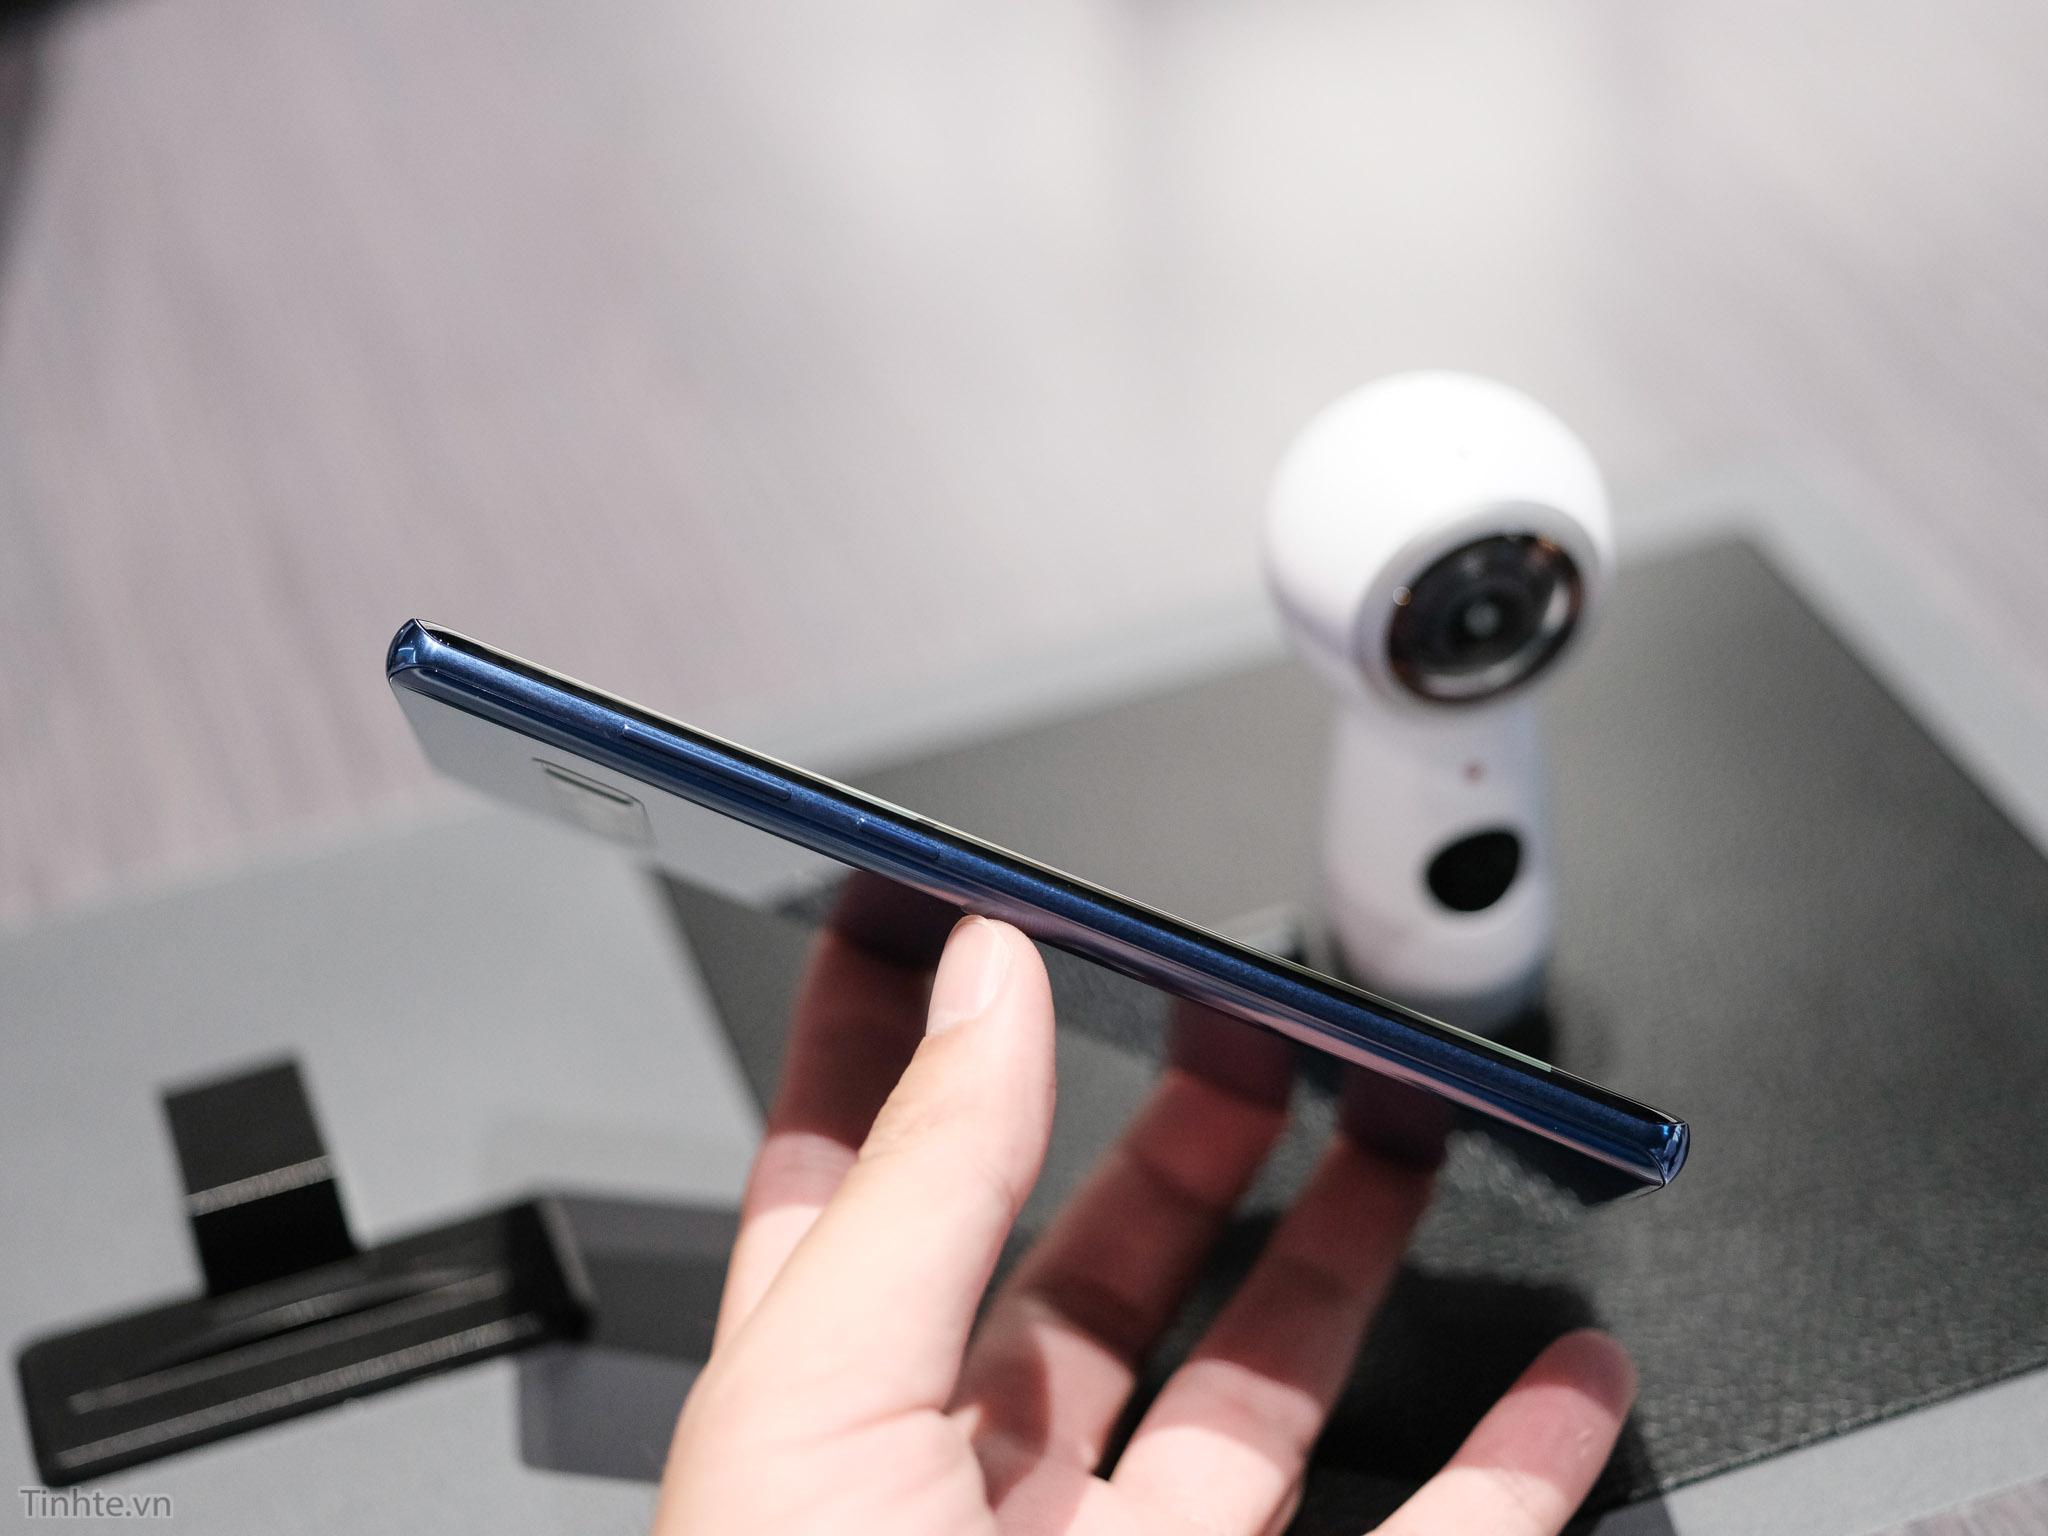 Samsung_Galaxy_Note_8_tinhte.vn-5.jpg